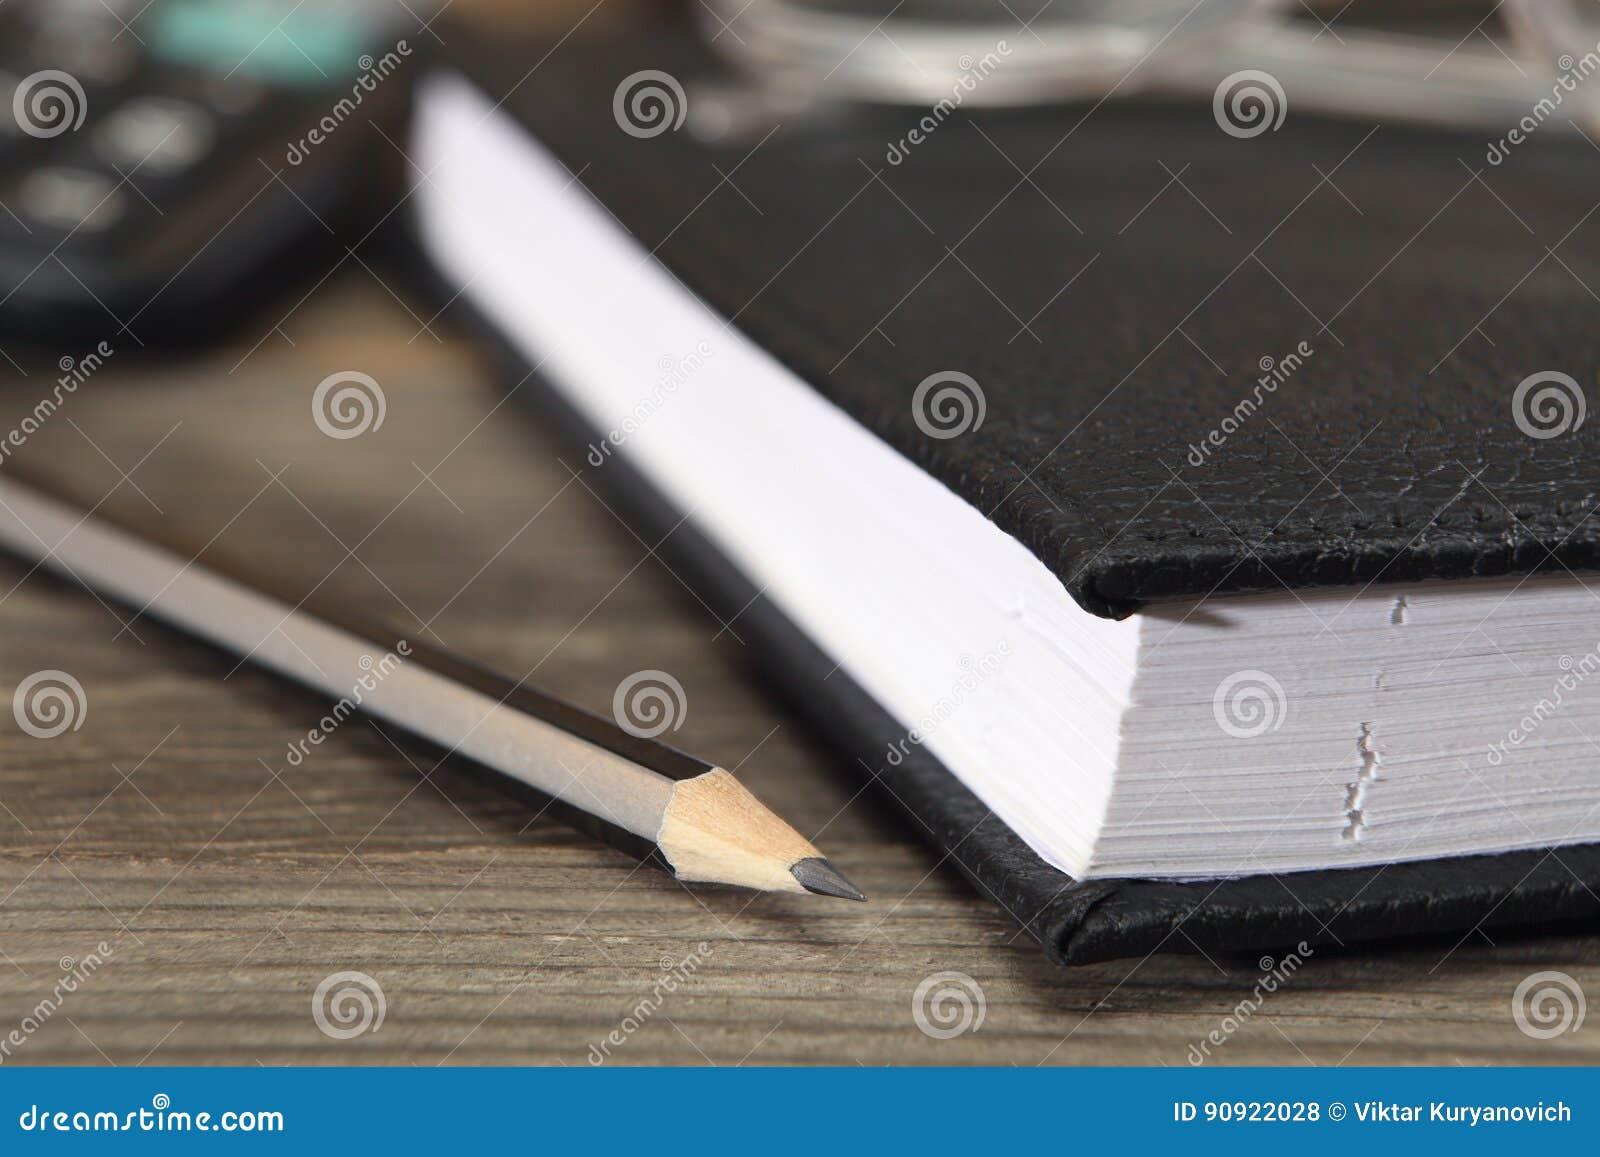 Le journal intime et un crayon noir simple se trouvent sur le